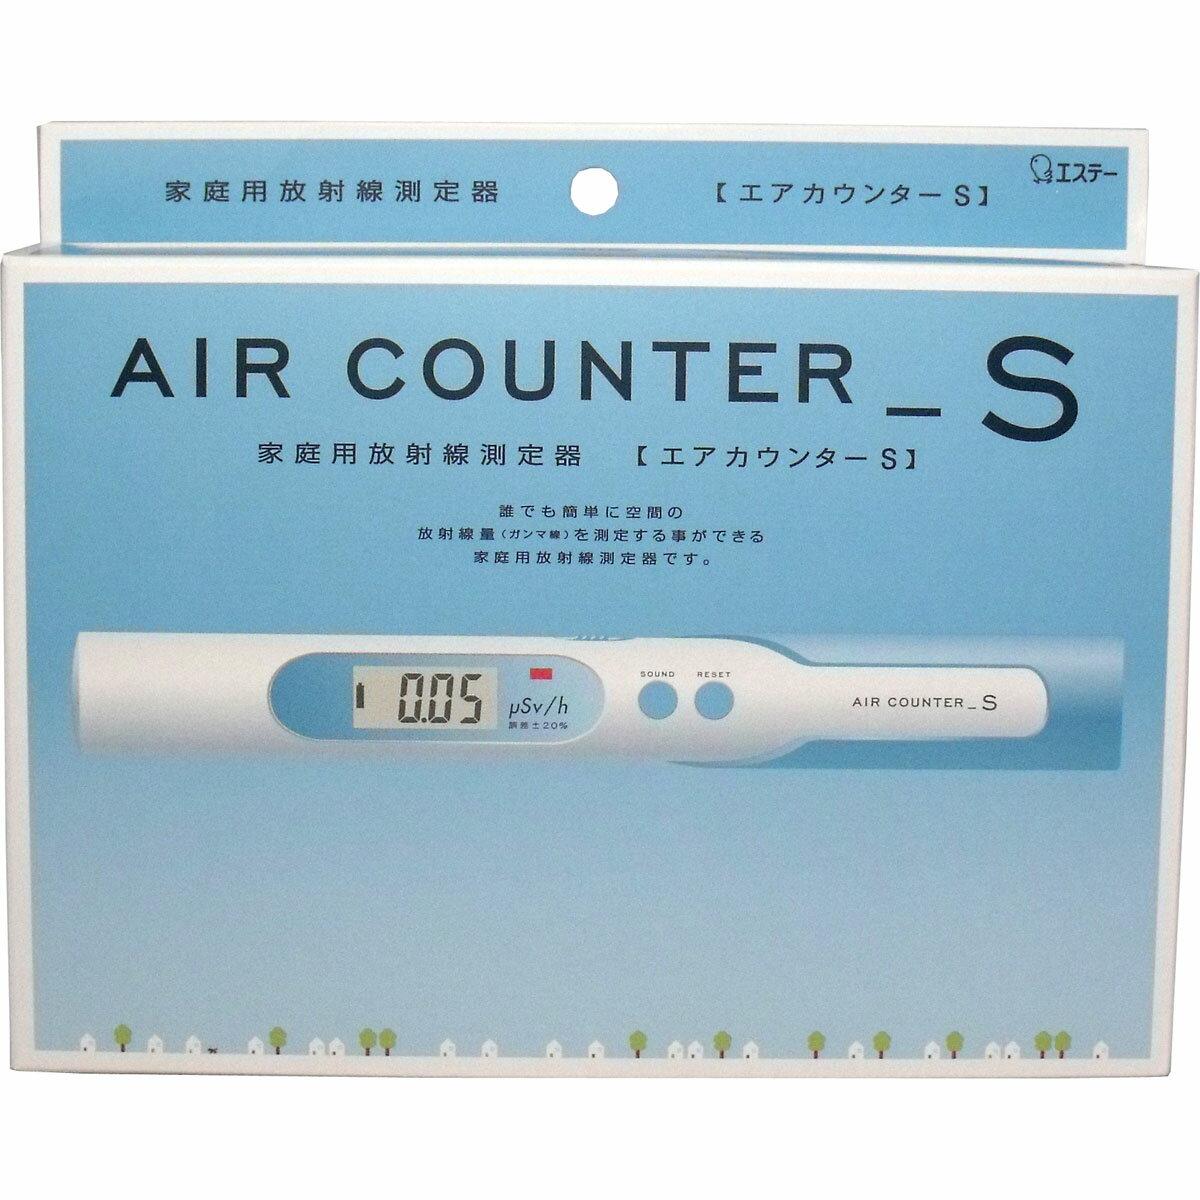 【即納】エステー家庭用放射線測定器 エアカウンターS